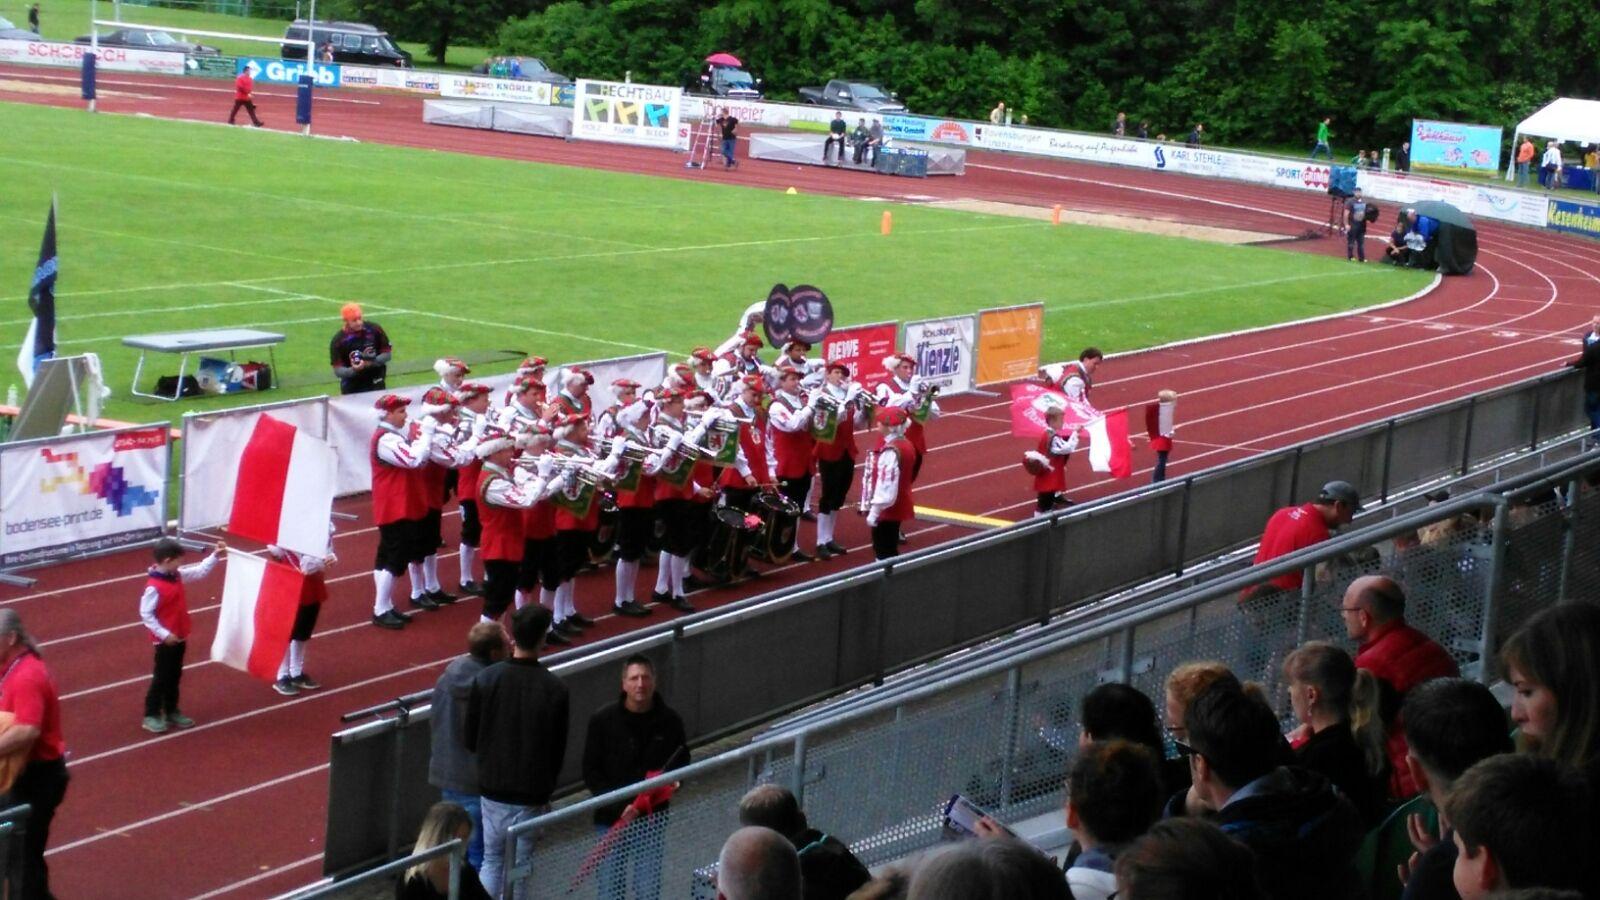 unterschied zwischen rugby und american football